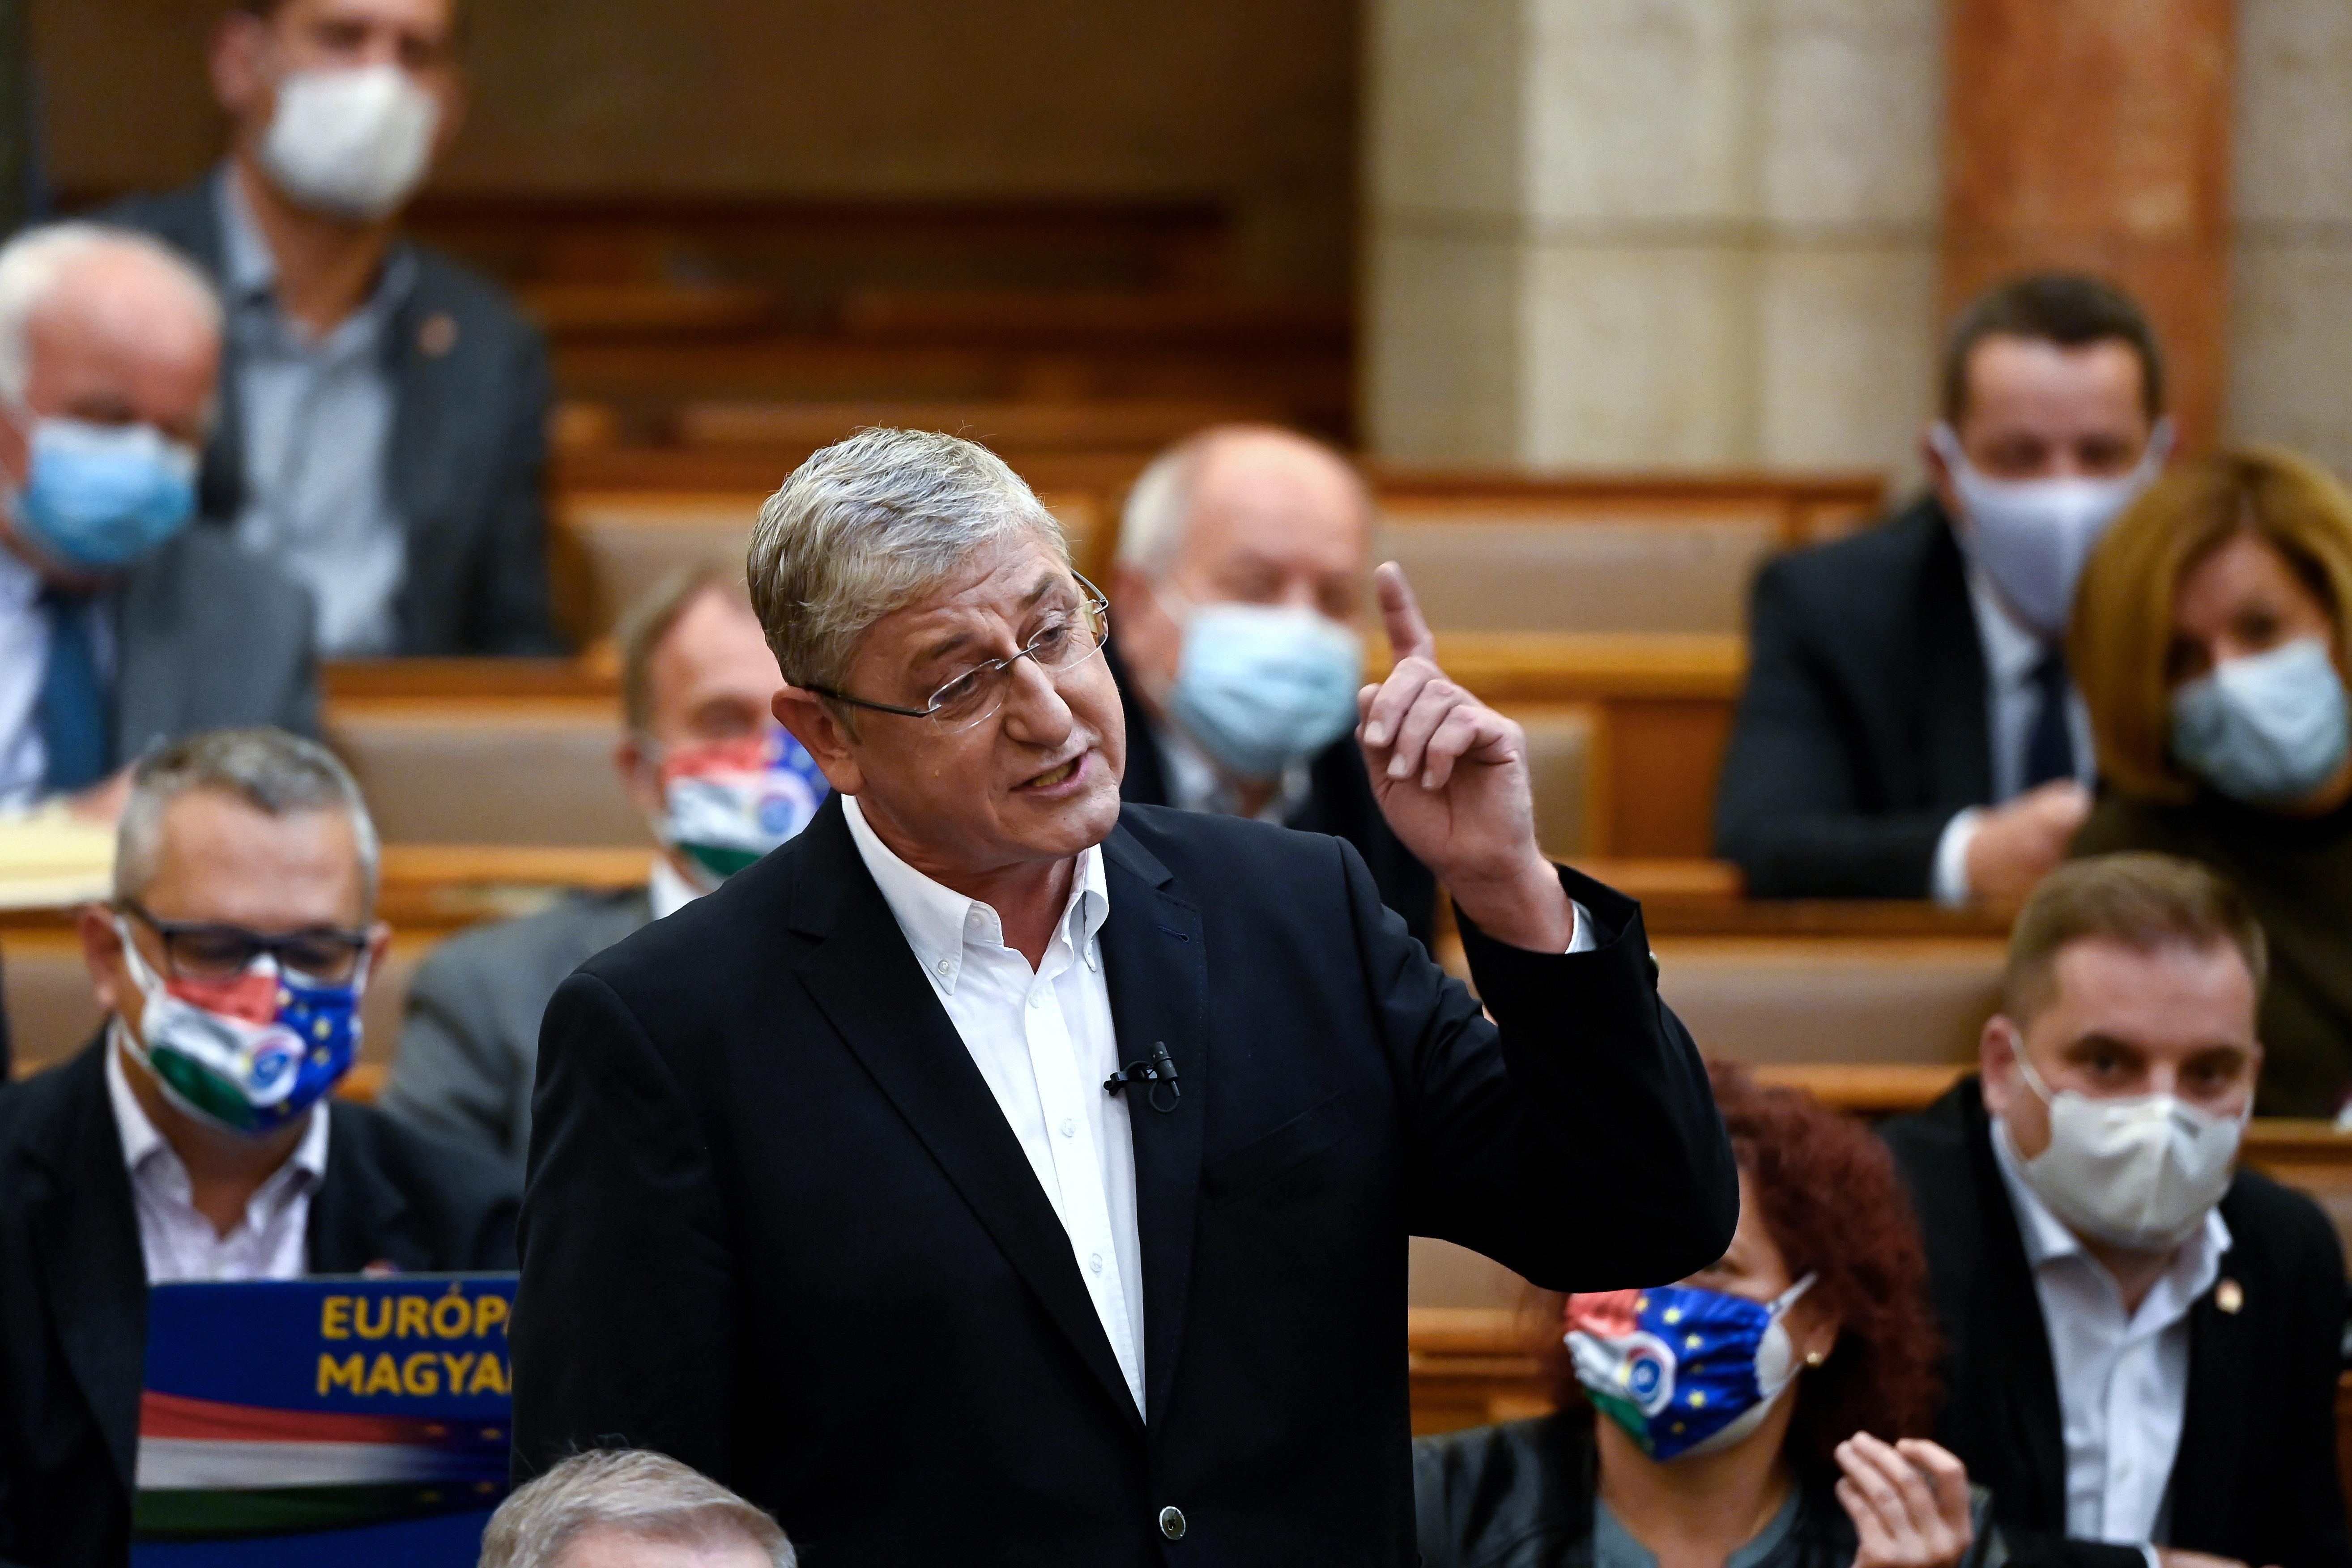 Fekete fóliák mögött retteg a népvándorlástól, a járványoktól és Gyurcsánytól a Fidesz parlamenti frakciója